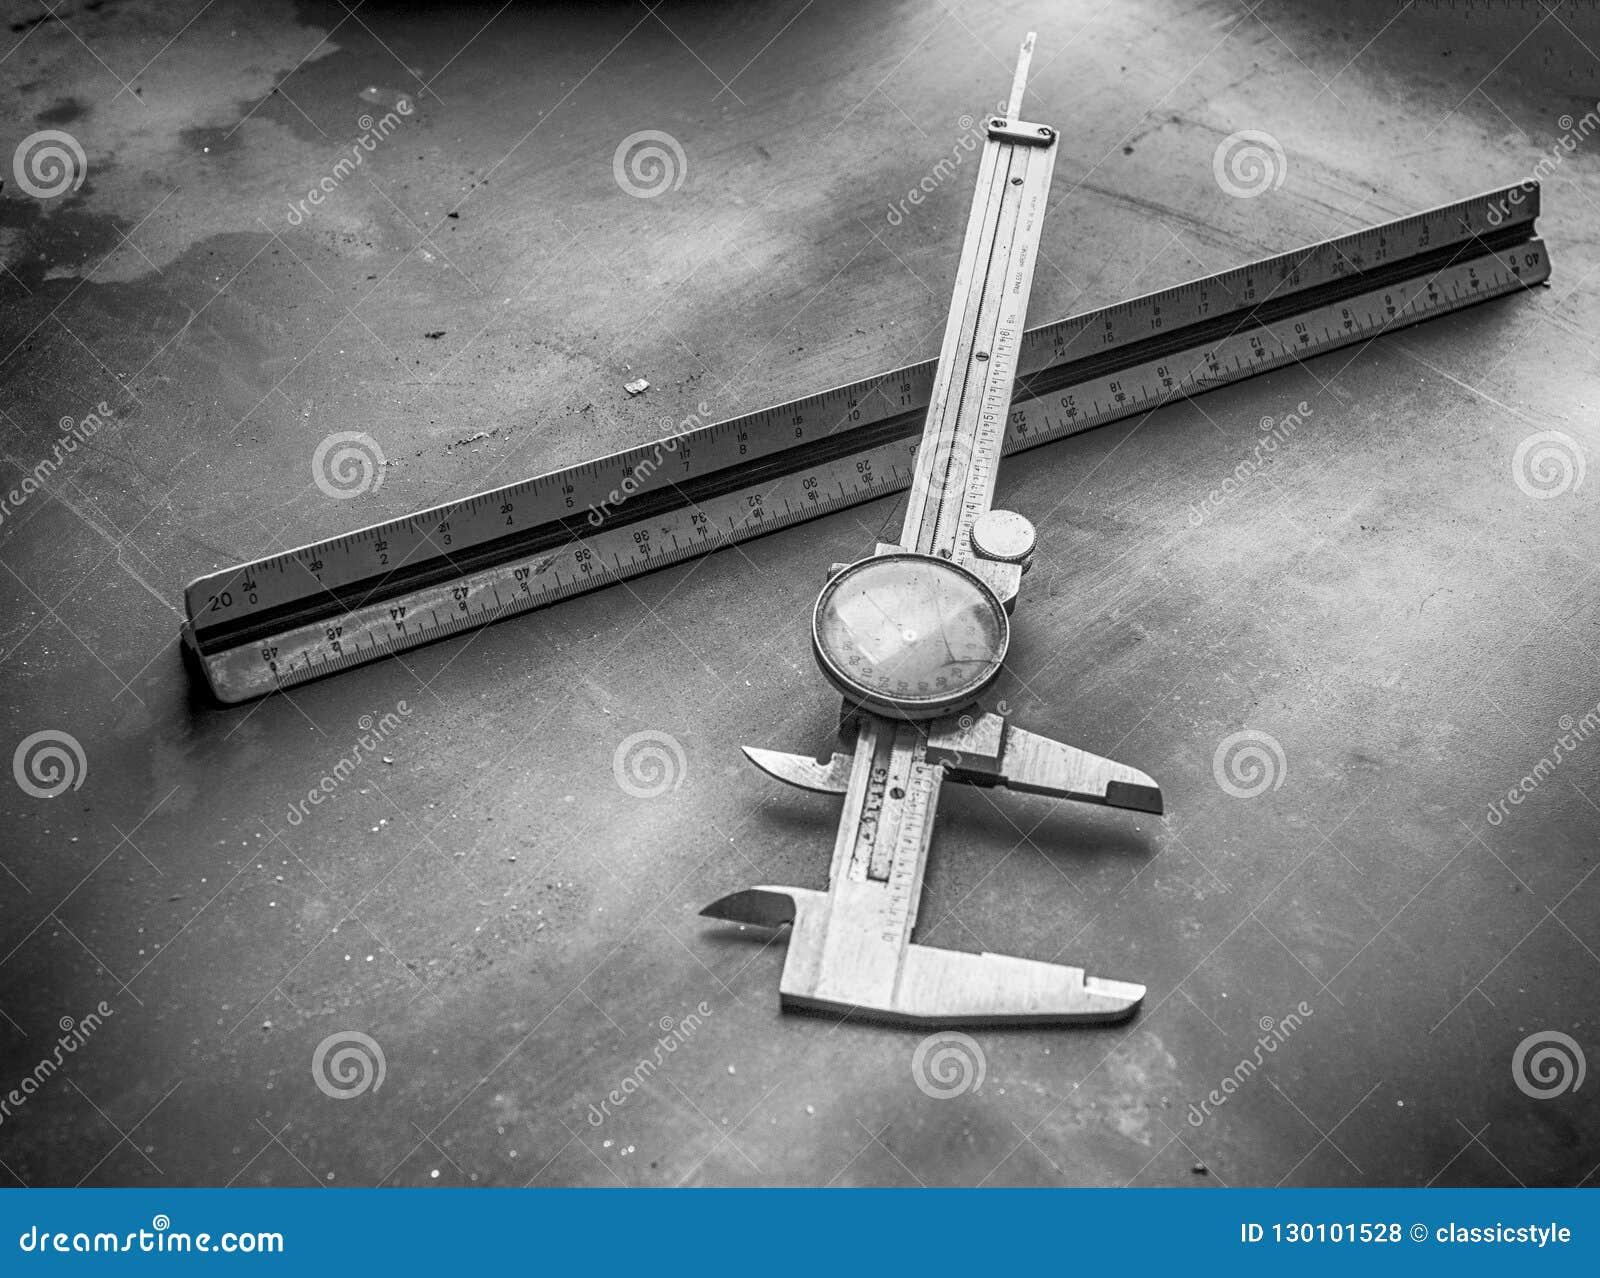 Den visartavlaklämman och linjalen på en maskin shoppar stålbänken